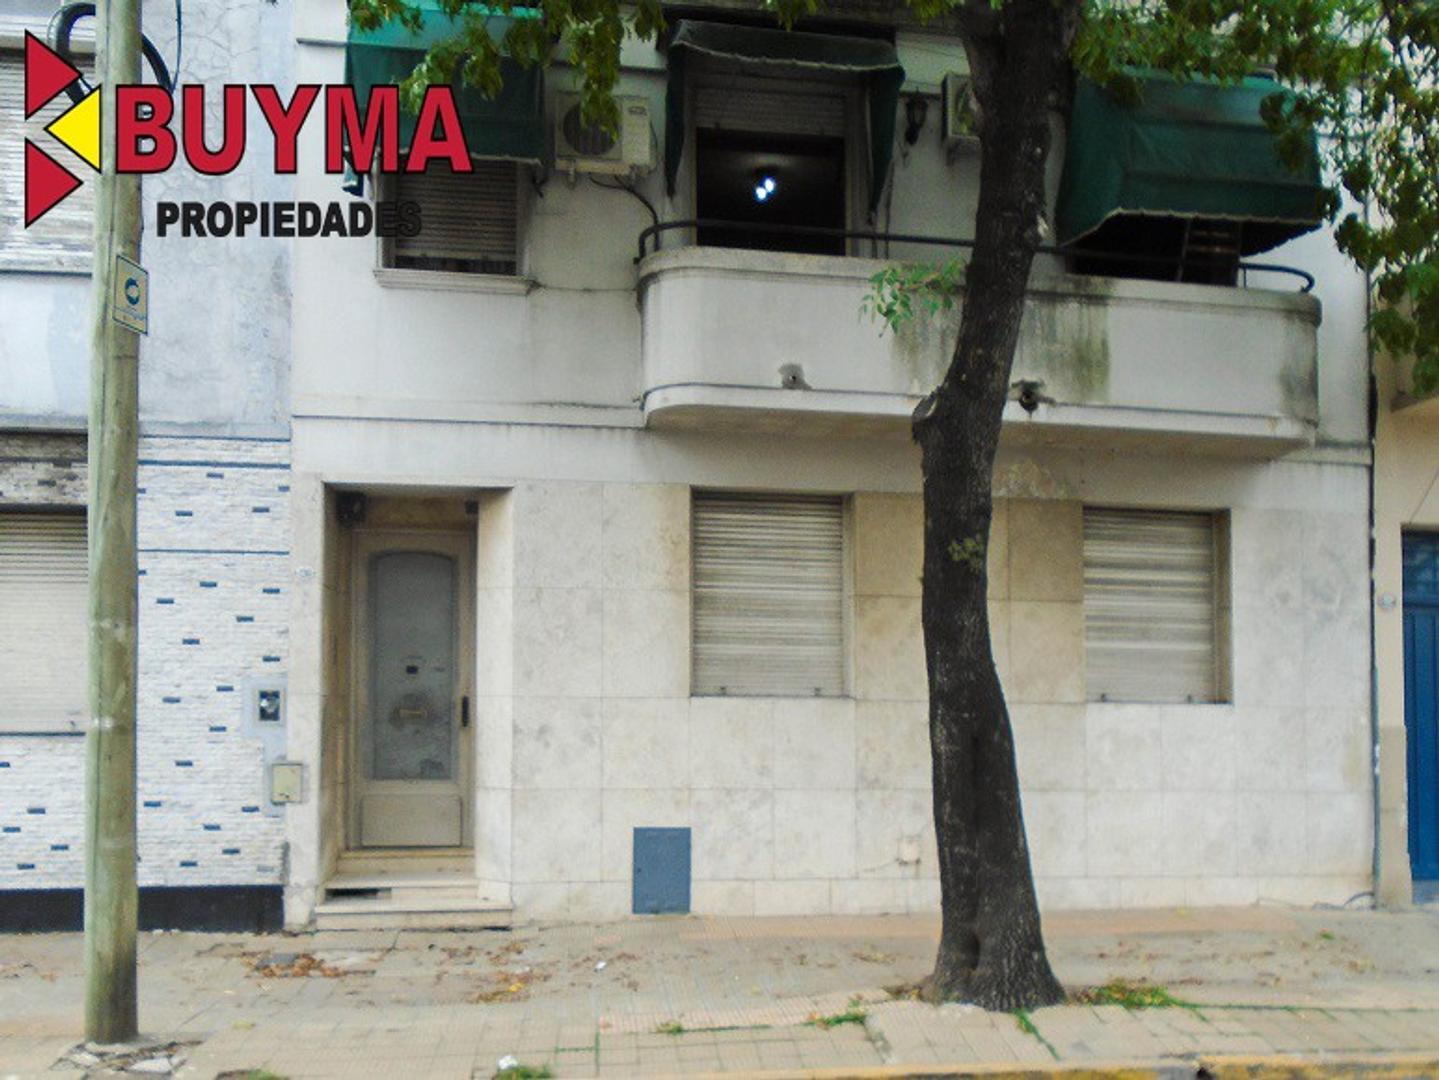 XINTEL(BUY-BUY-358) Departamento - Venta - Argentina, Capital Federal - CARABOBO, AVDA.  AL 1200